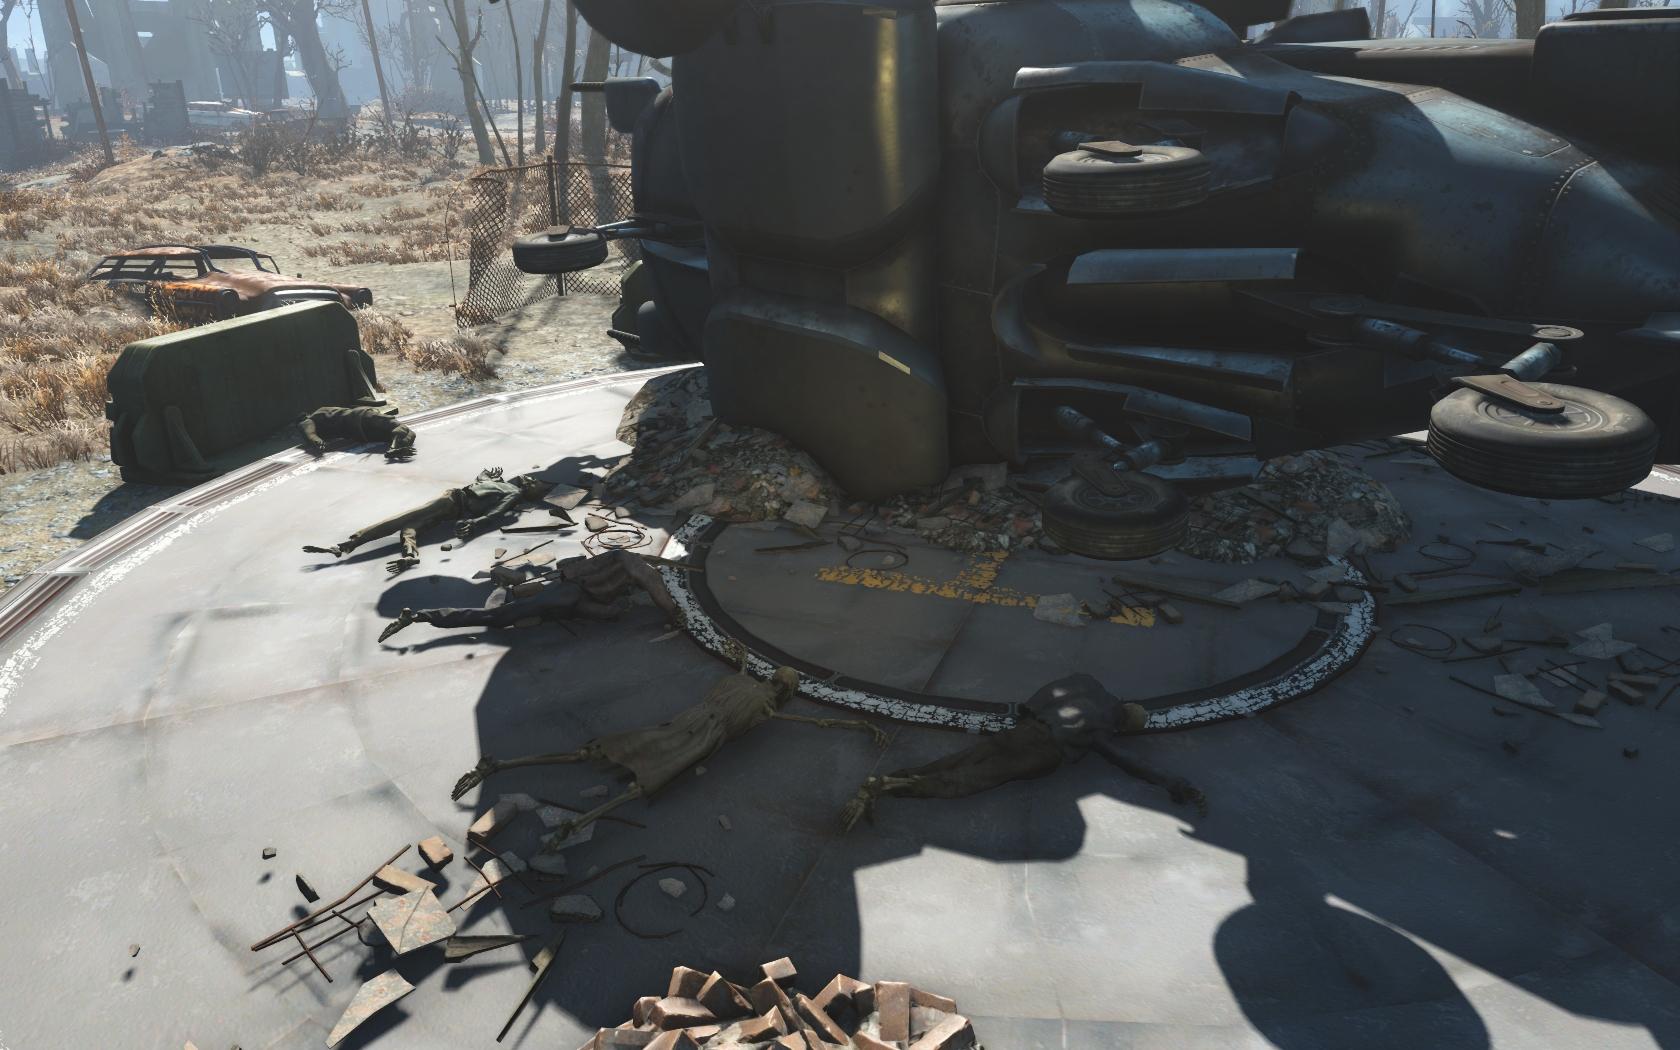 Надеялись на винтокрыл (Тренировочная площадка Национальной гвардии) - Fallout 4 Скелет, Юмор